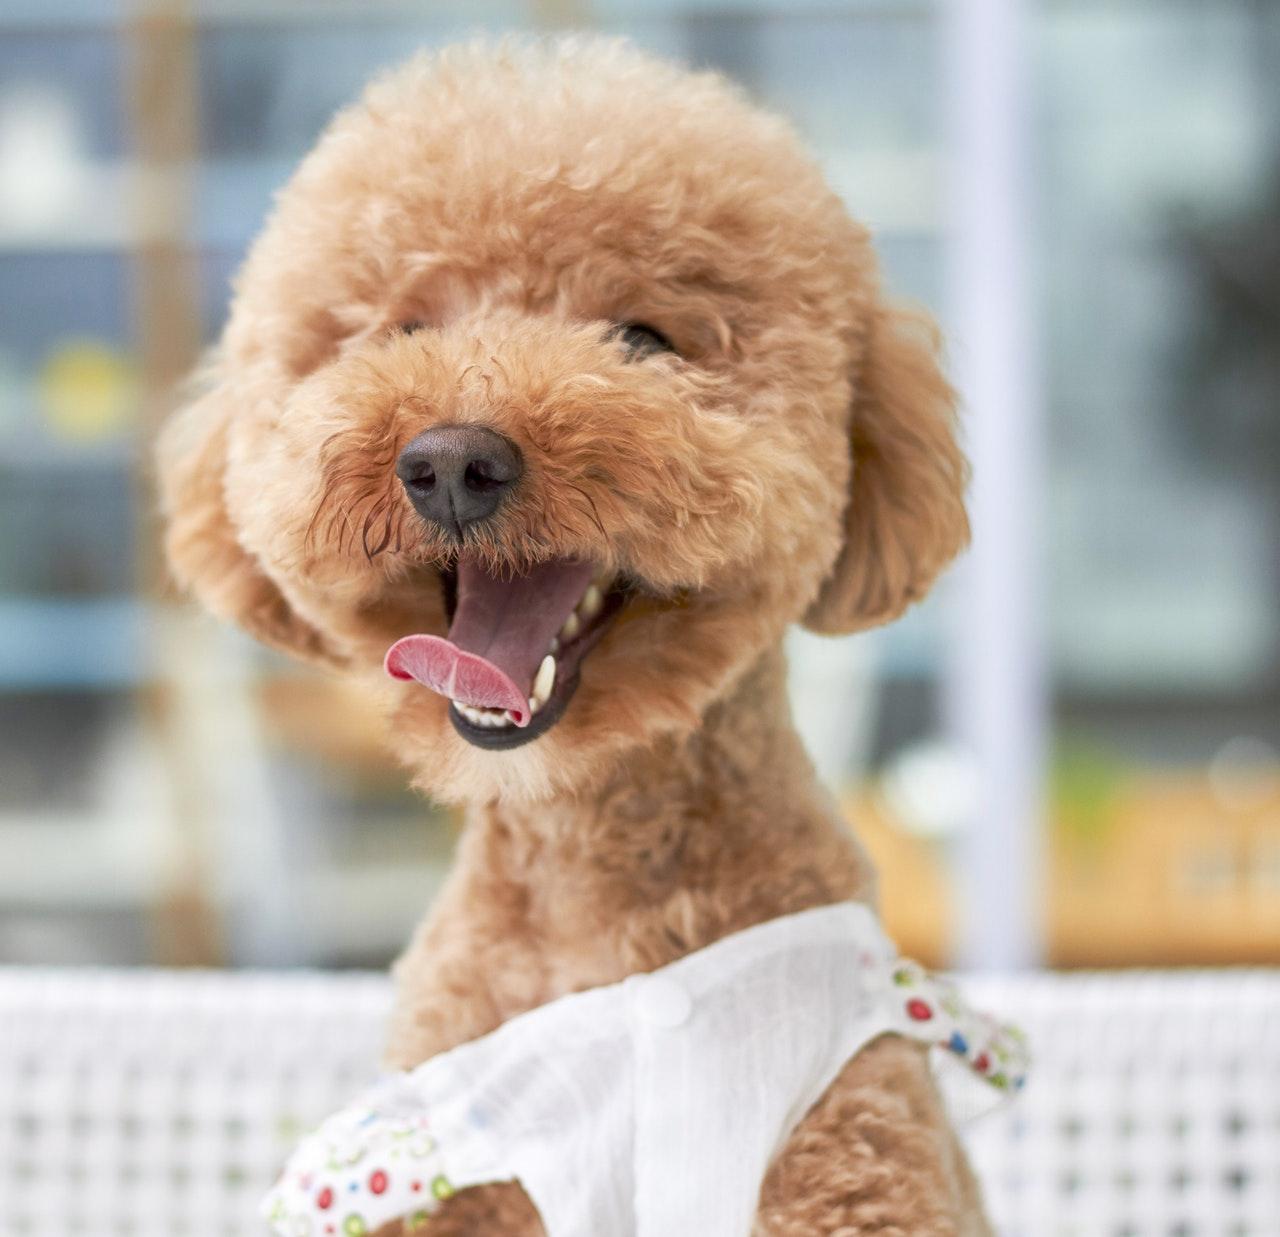 Dog grooming in edmond